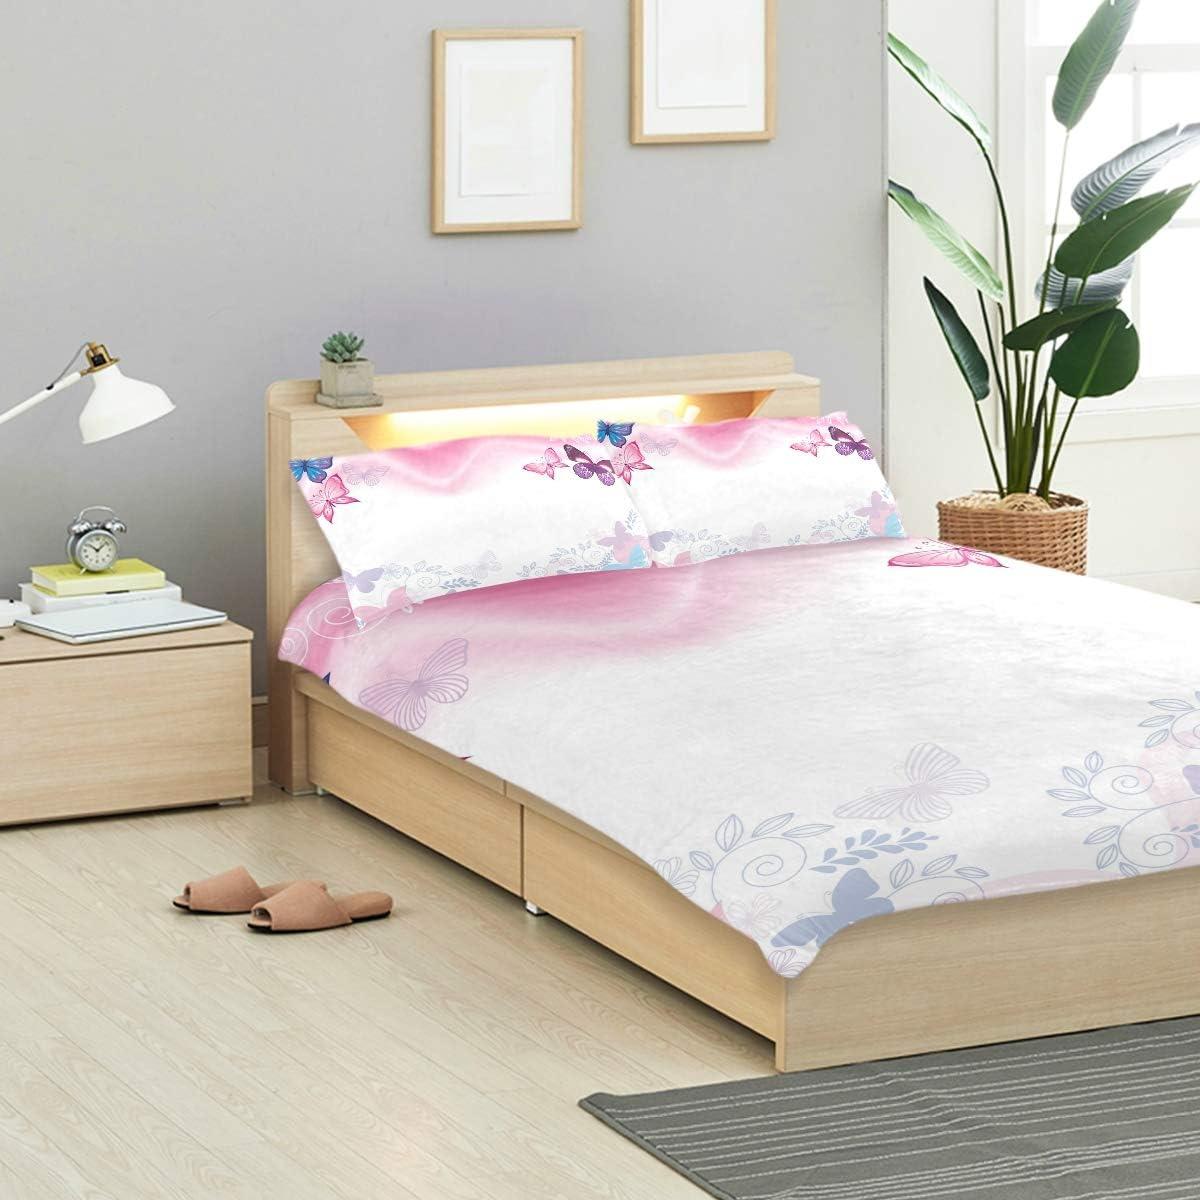 Bennifiry Parure de lit 3 pièces avec Housse de Couette et 2 taies d'oreiller en Coton lavé Gris, Multi#002, Taille Unique Multi#004